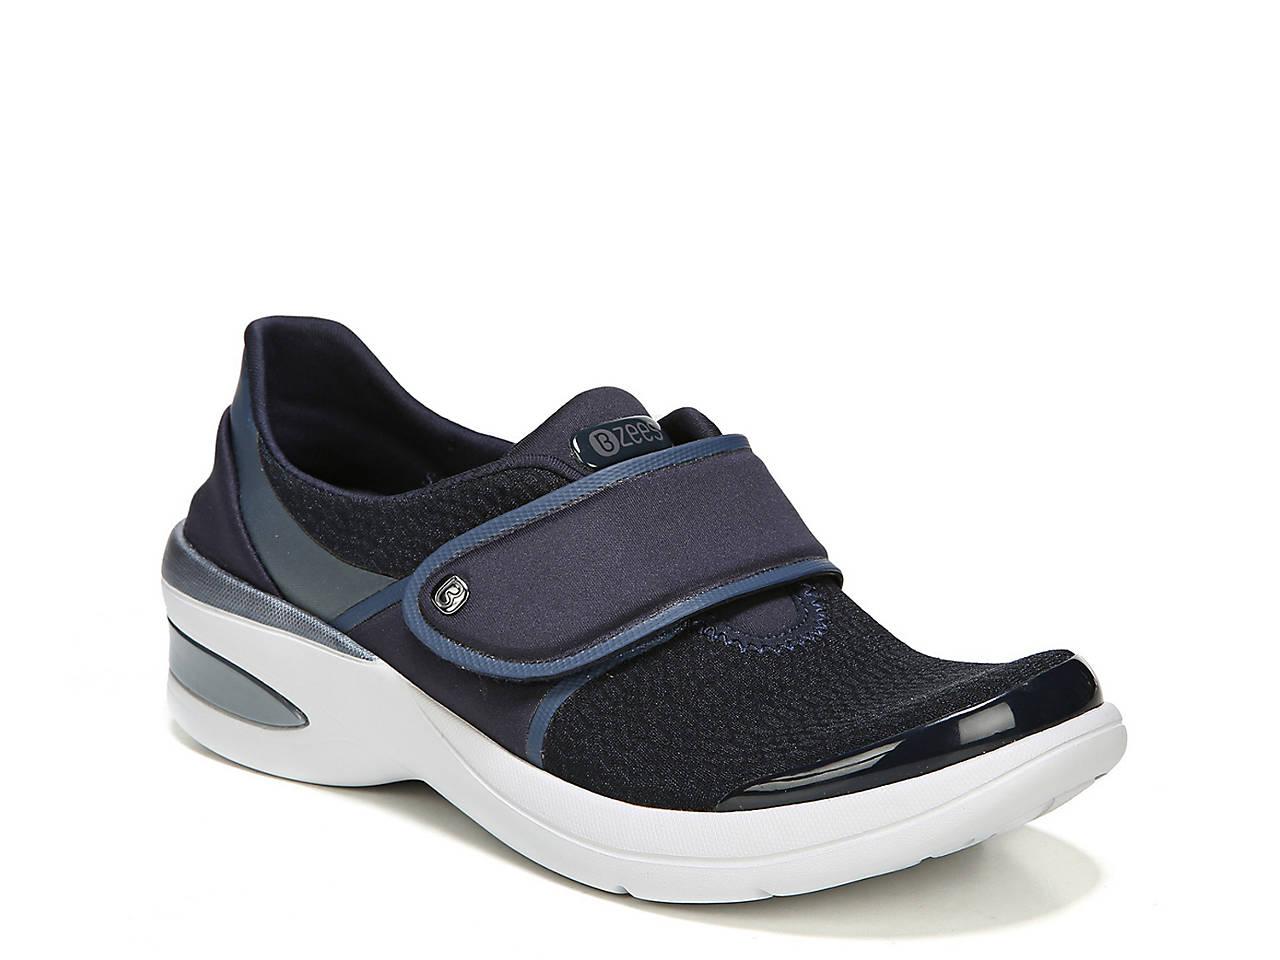 450ff5faa9a BZees Roxy Slip-On Women s Shoes